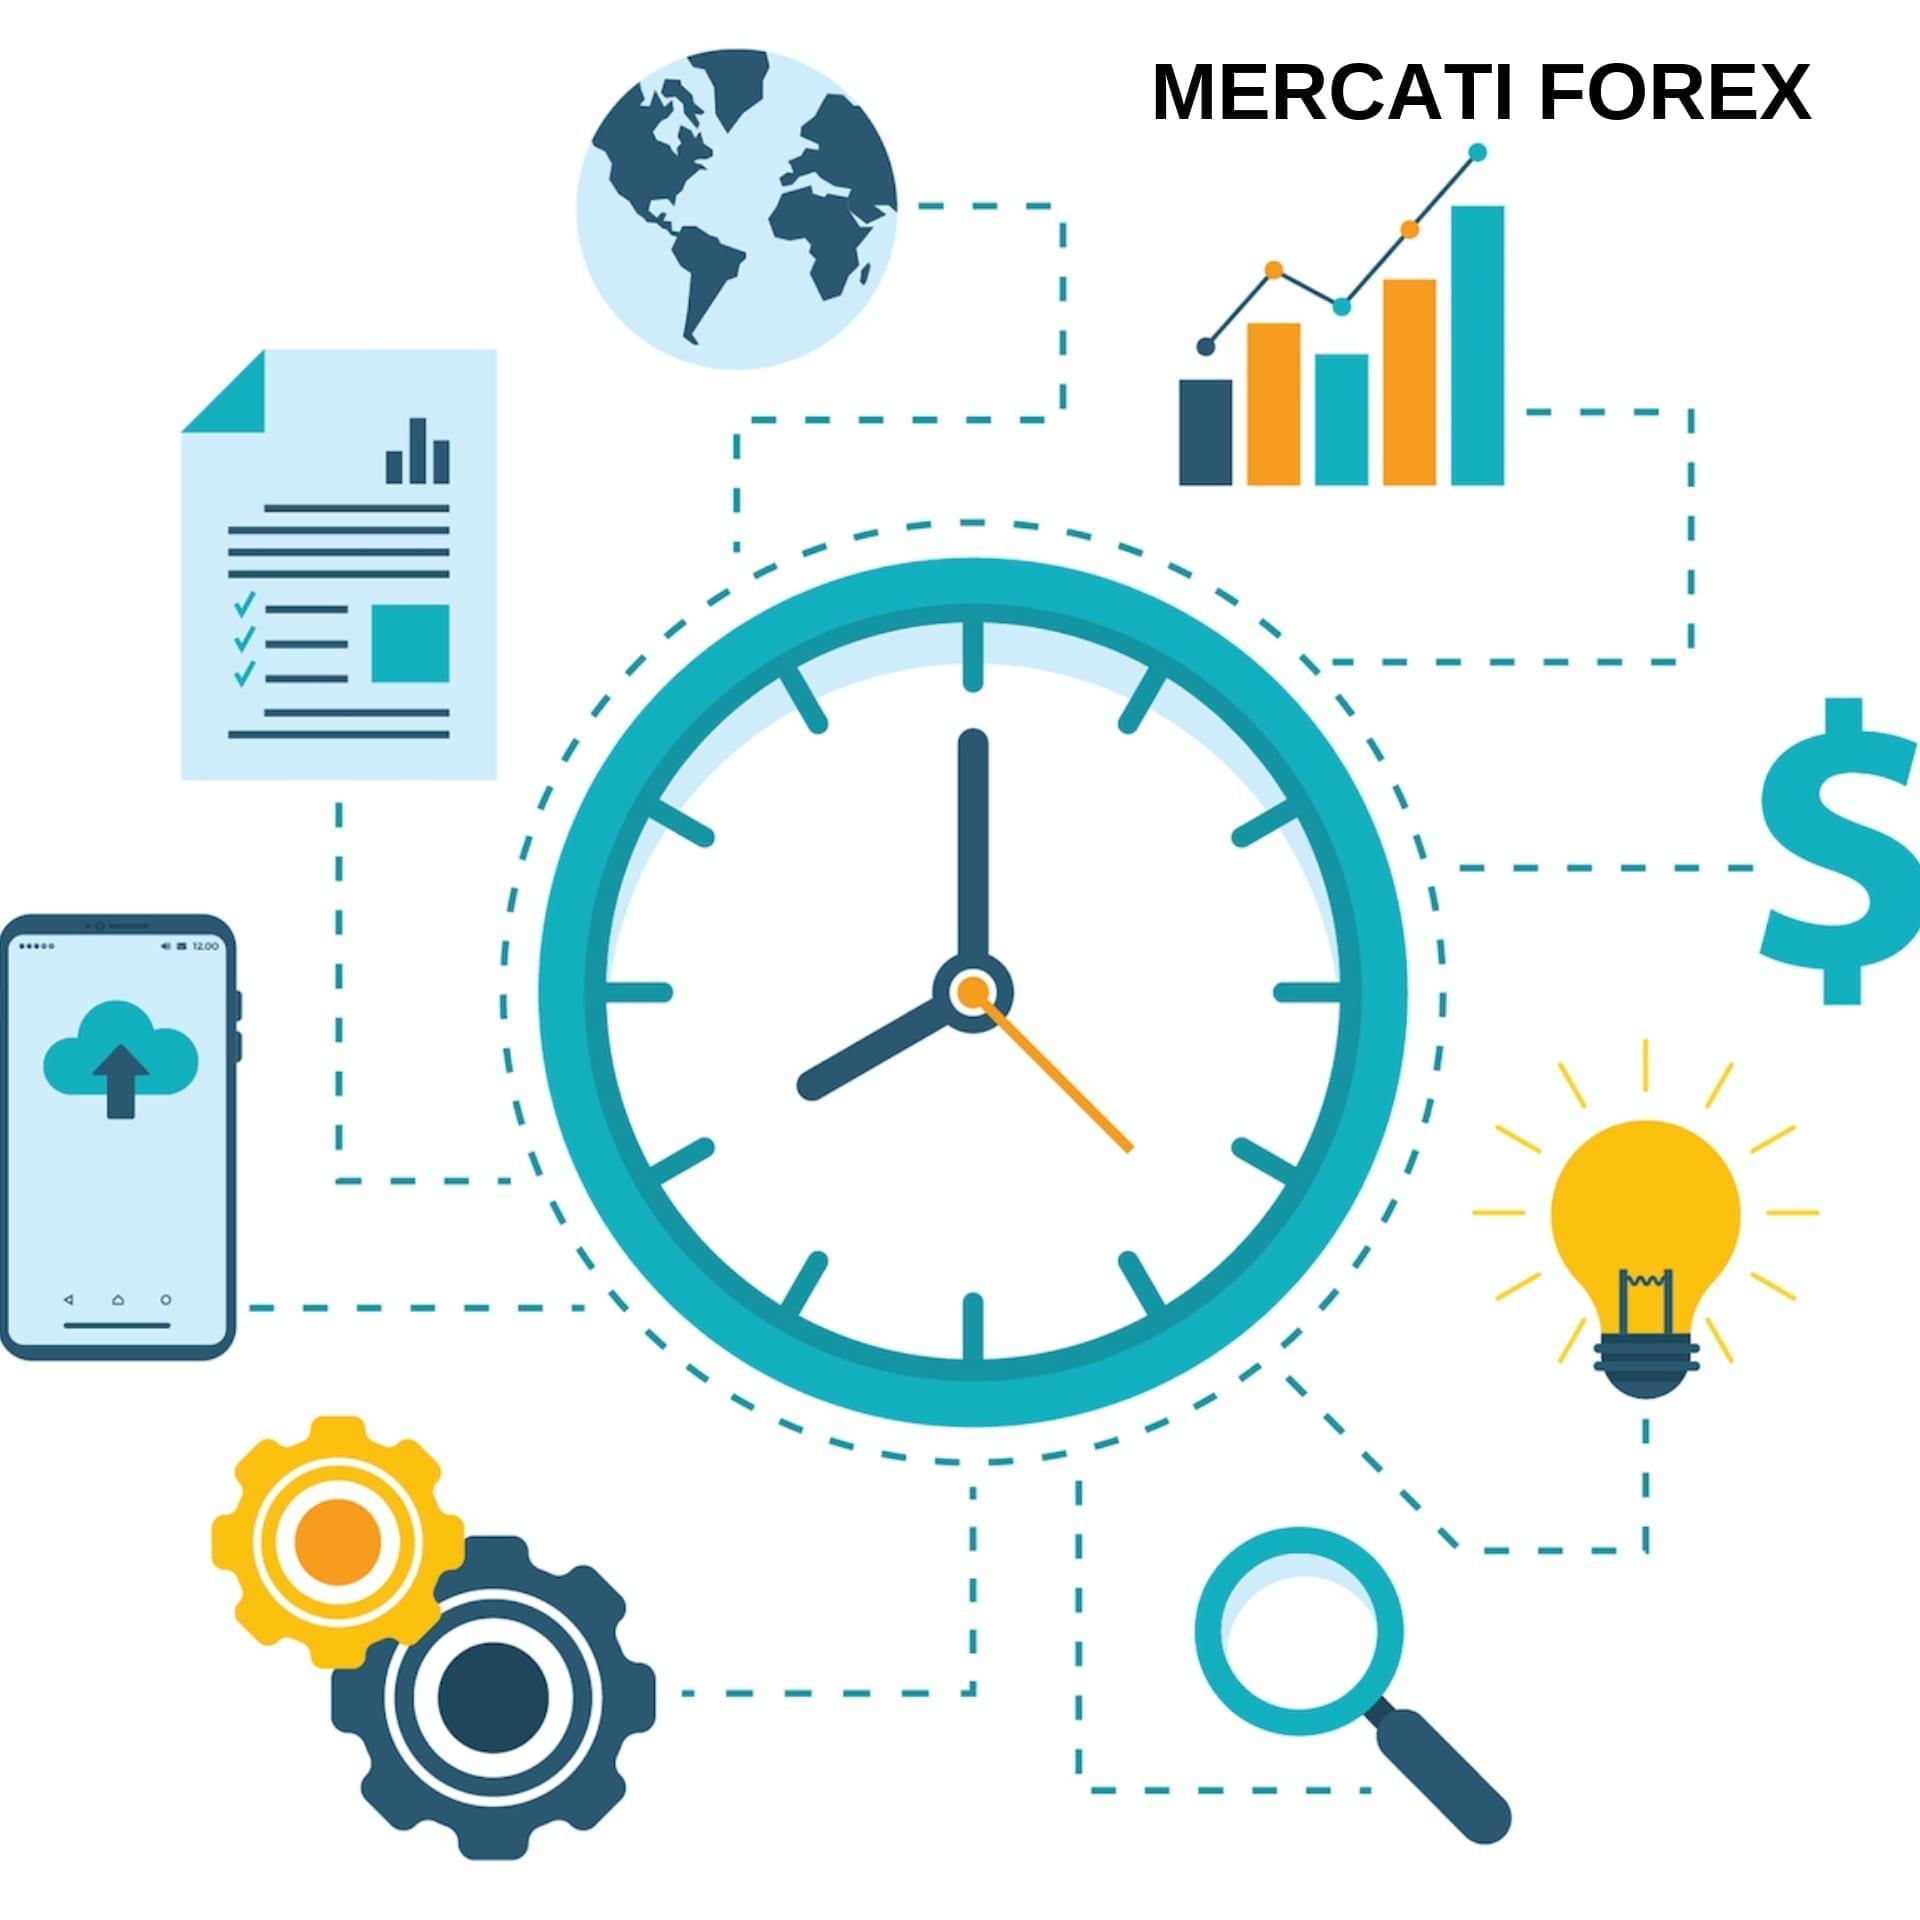 Orari Forex: orario apertura mercati finanziari - Meteofinanza.com